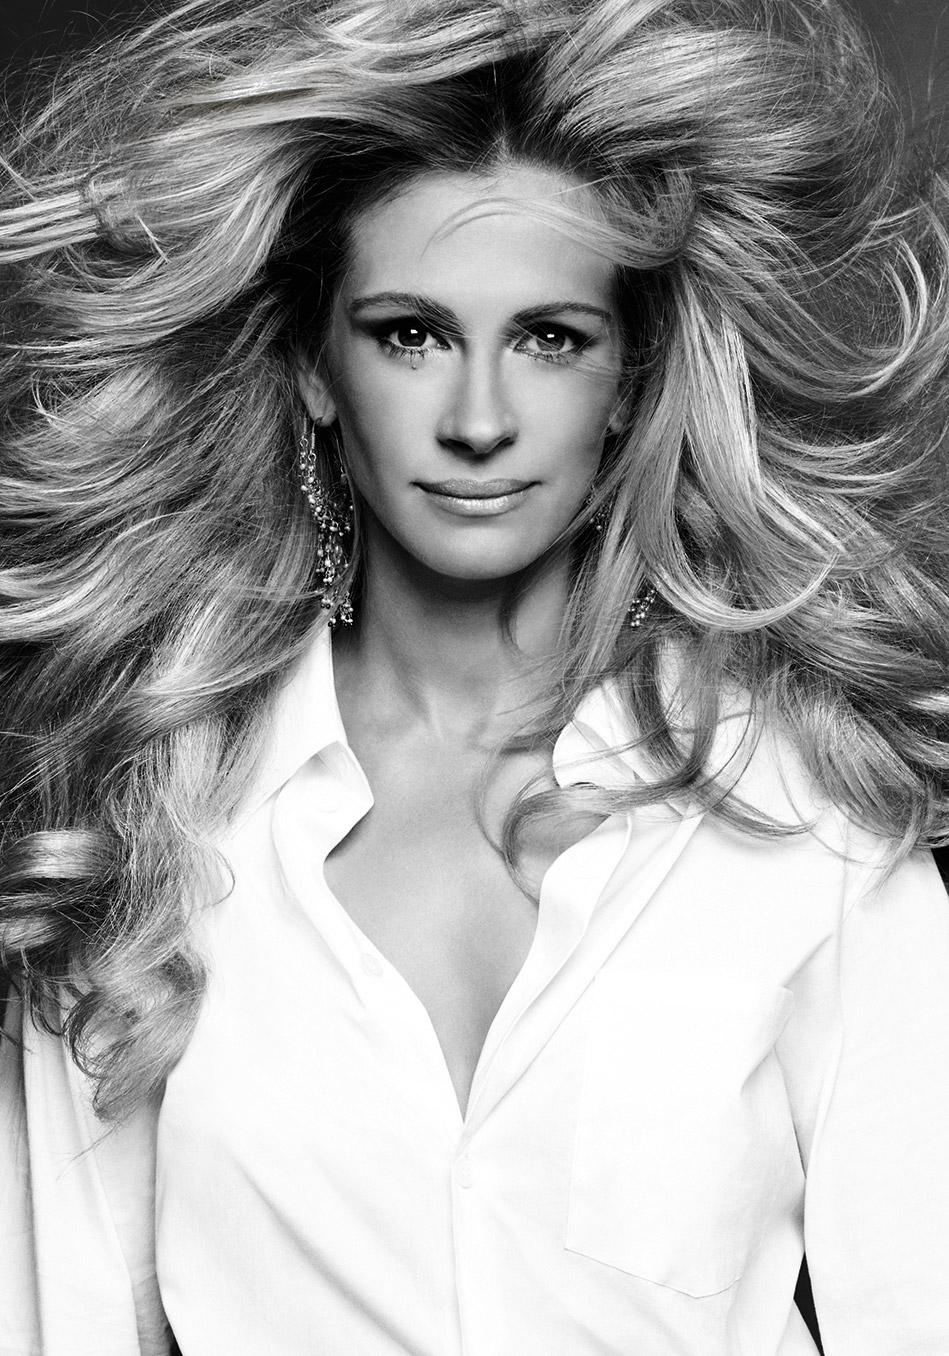 Thinning Hair Treatments Get Fuller Hair